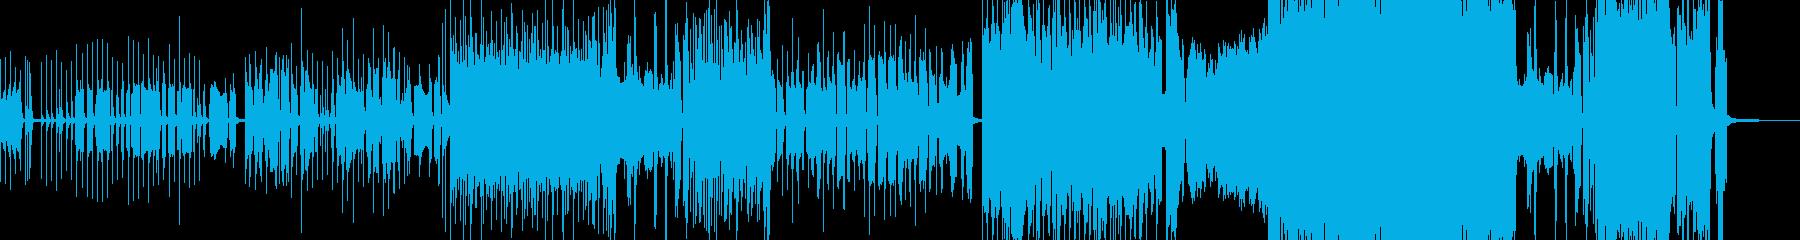 メルヘンなカントリーロック…01:26の再生済みの波形